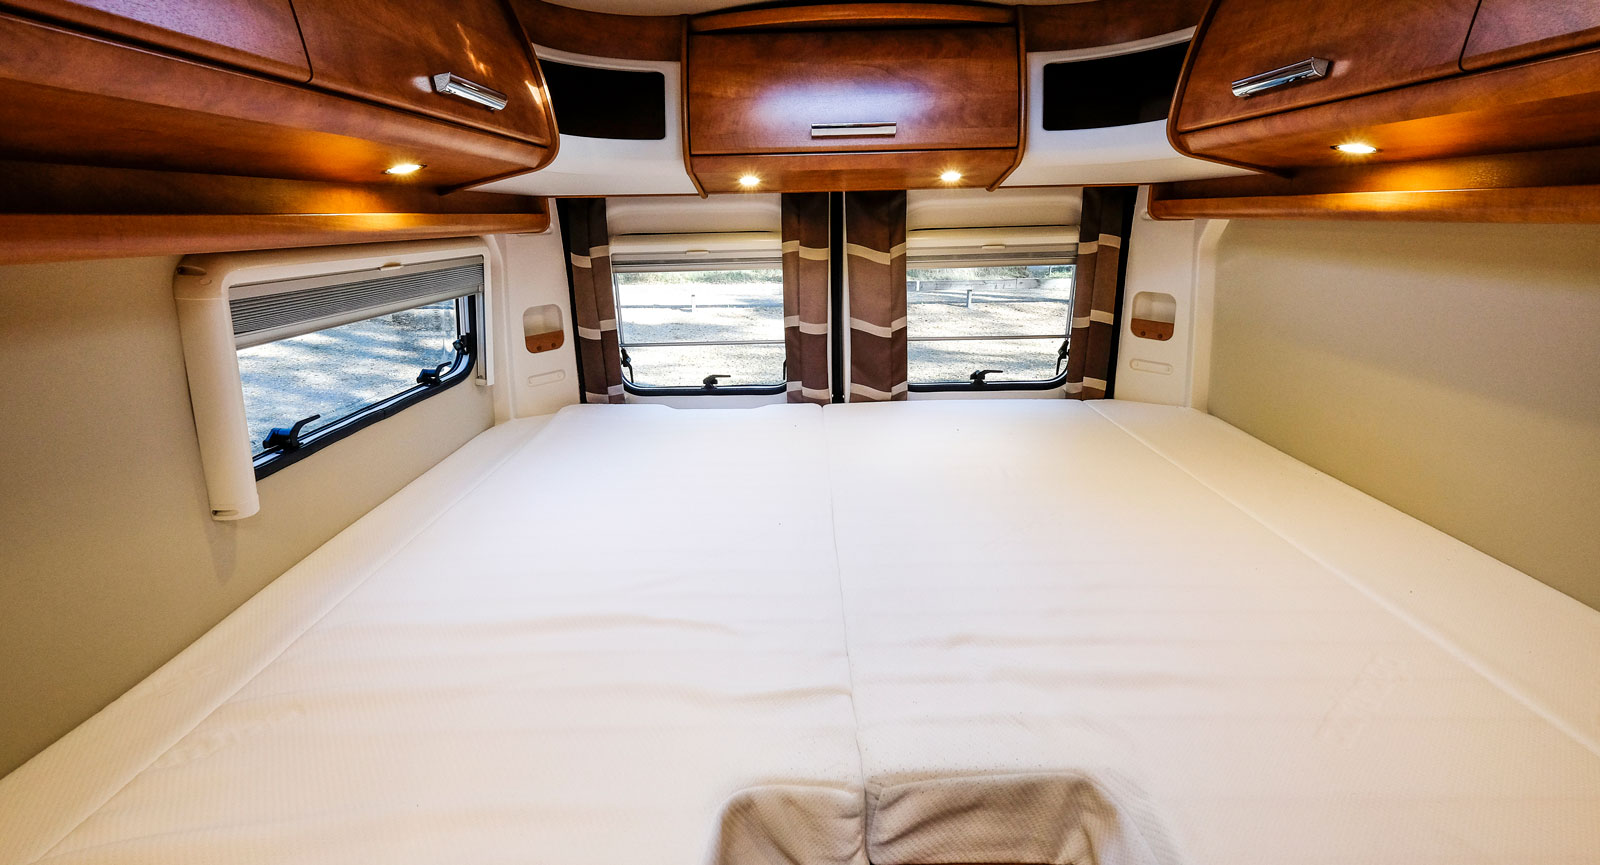 De 196 cm långa sängarna är smalare i fotänden, vilket gör det lättare att kliva upp – men svårare att hitta passande lakan.